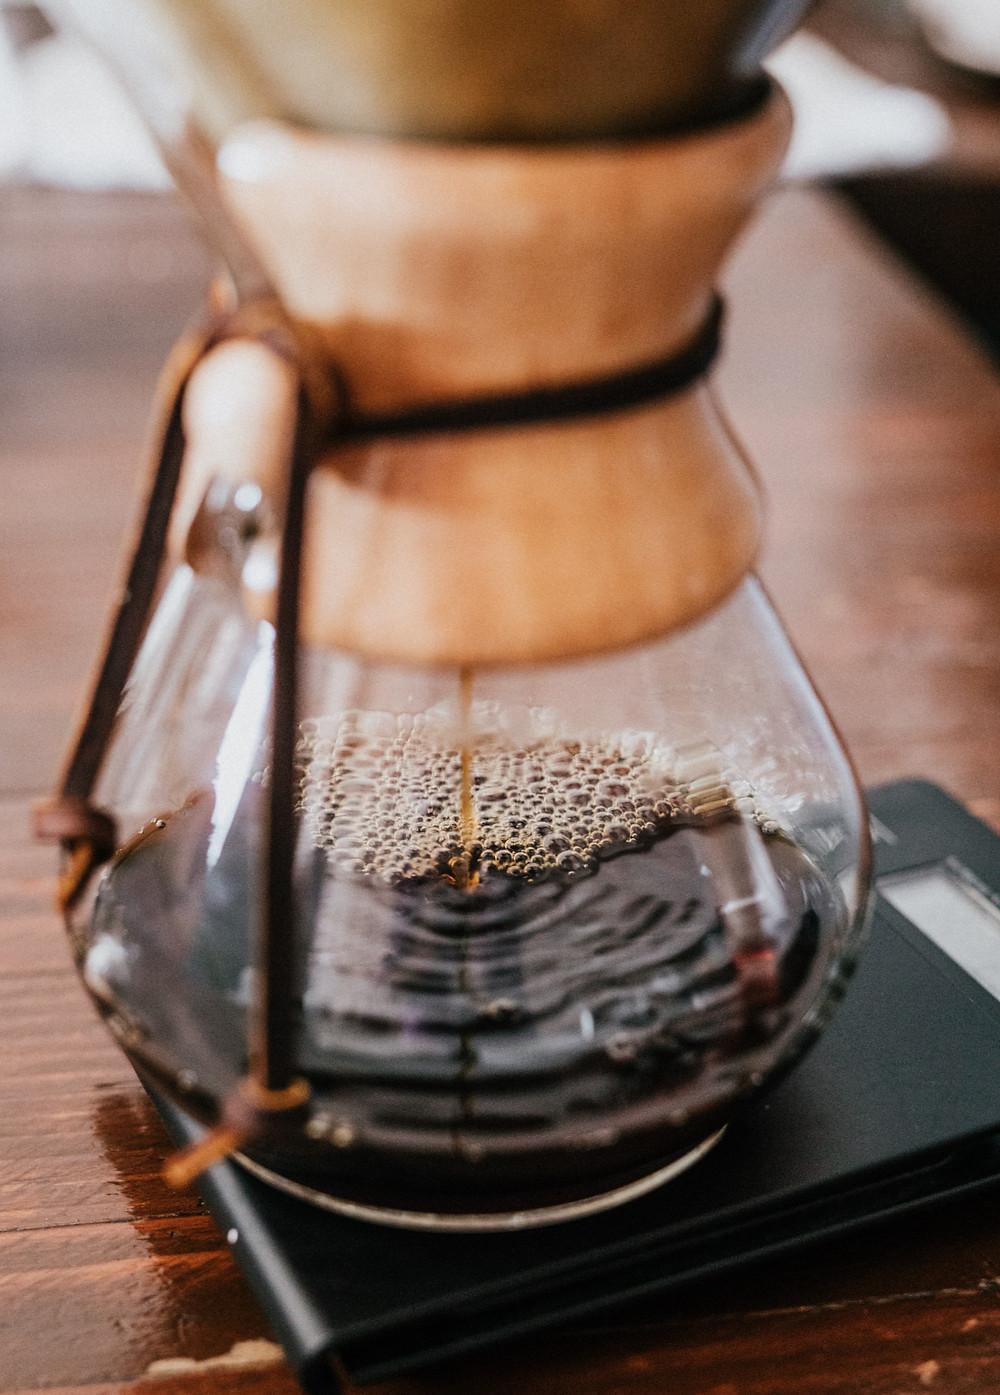 Le slow coffee, c'est quoi ?